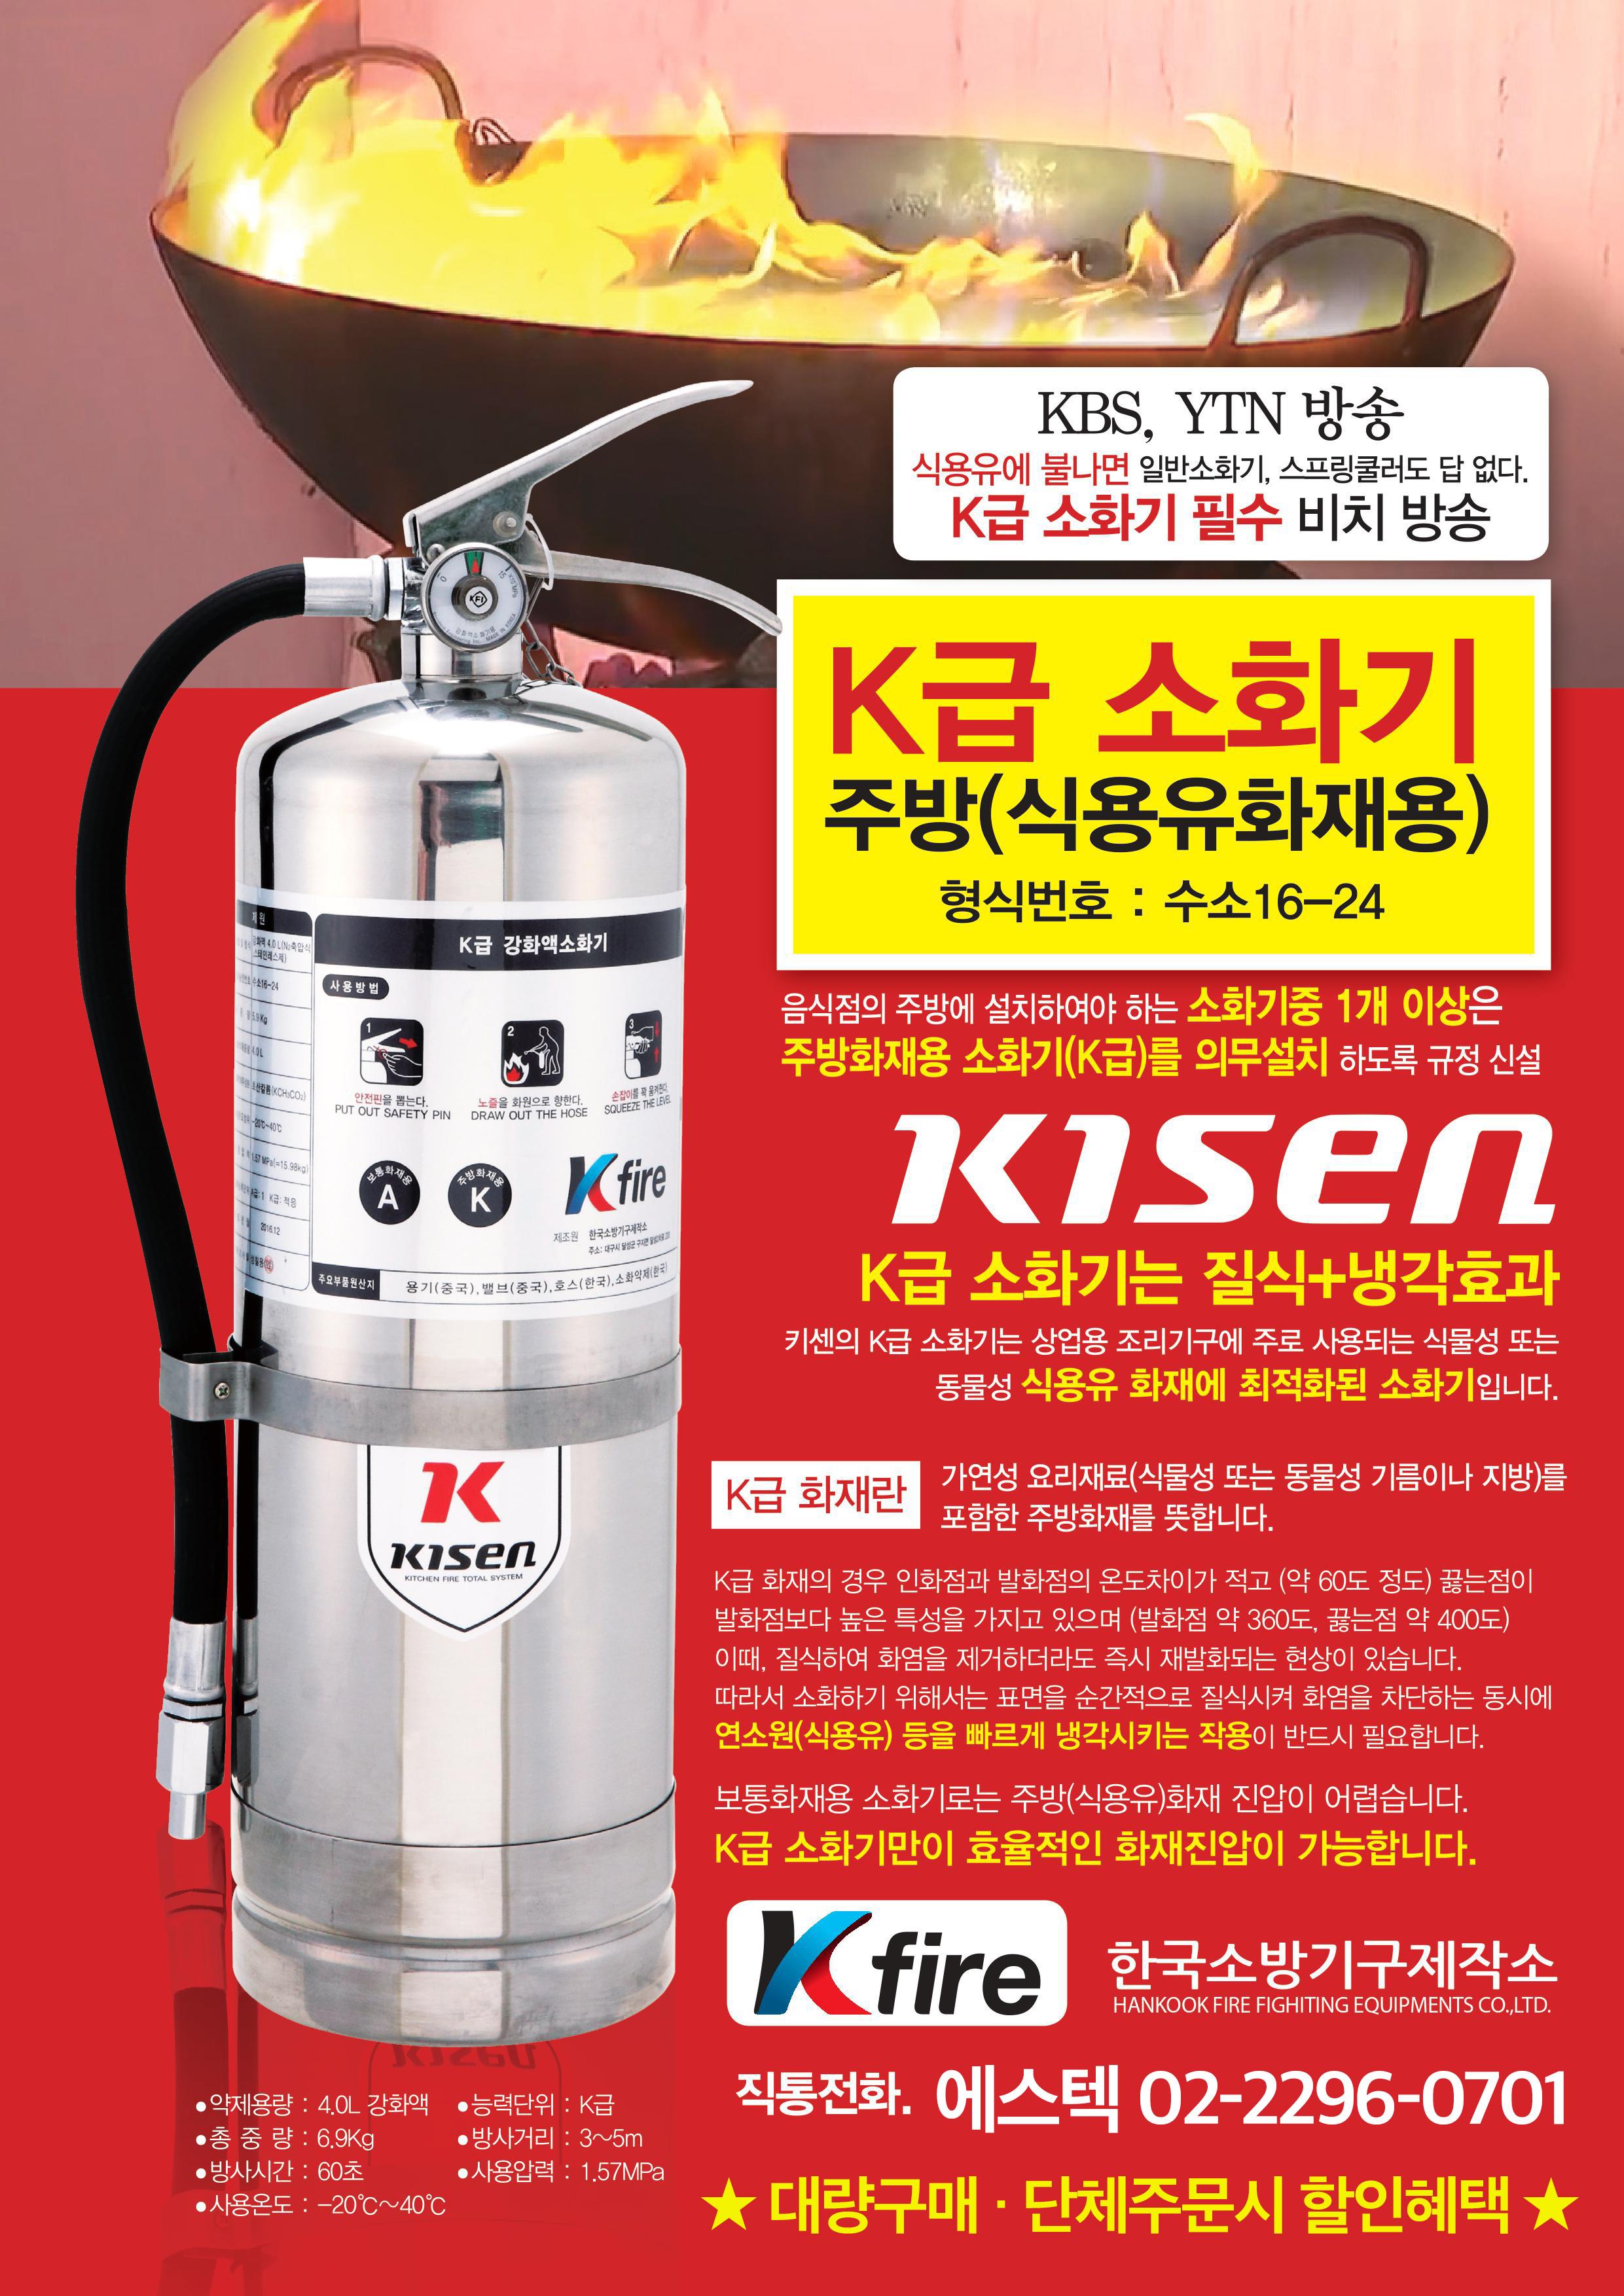 K_fire_2.jpg